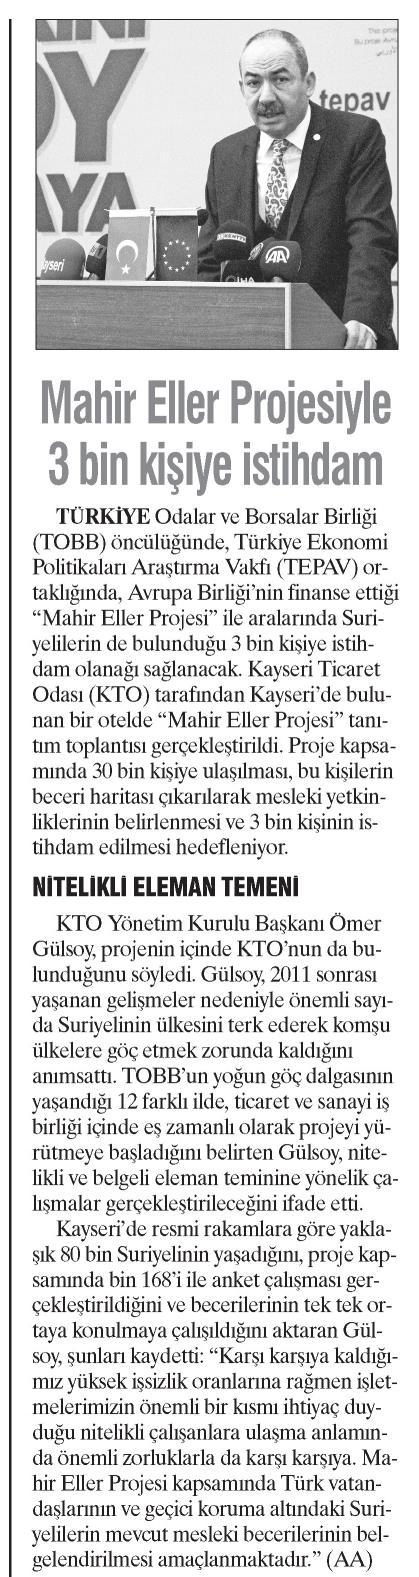 Mahir Eller Projesiyle 3 Bin Kişiye İstihdam Dokuz Sütun [İstanbul]